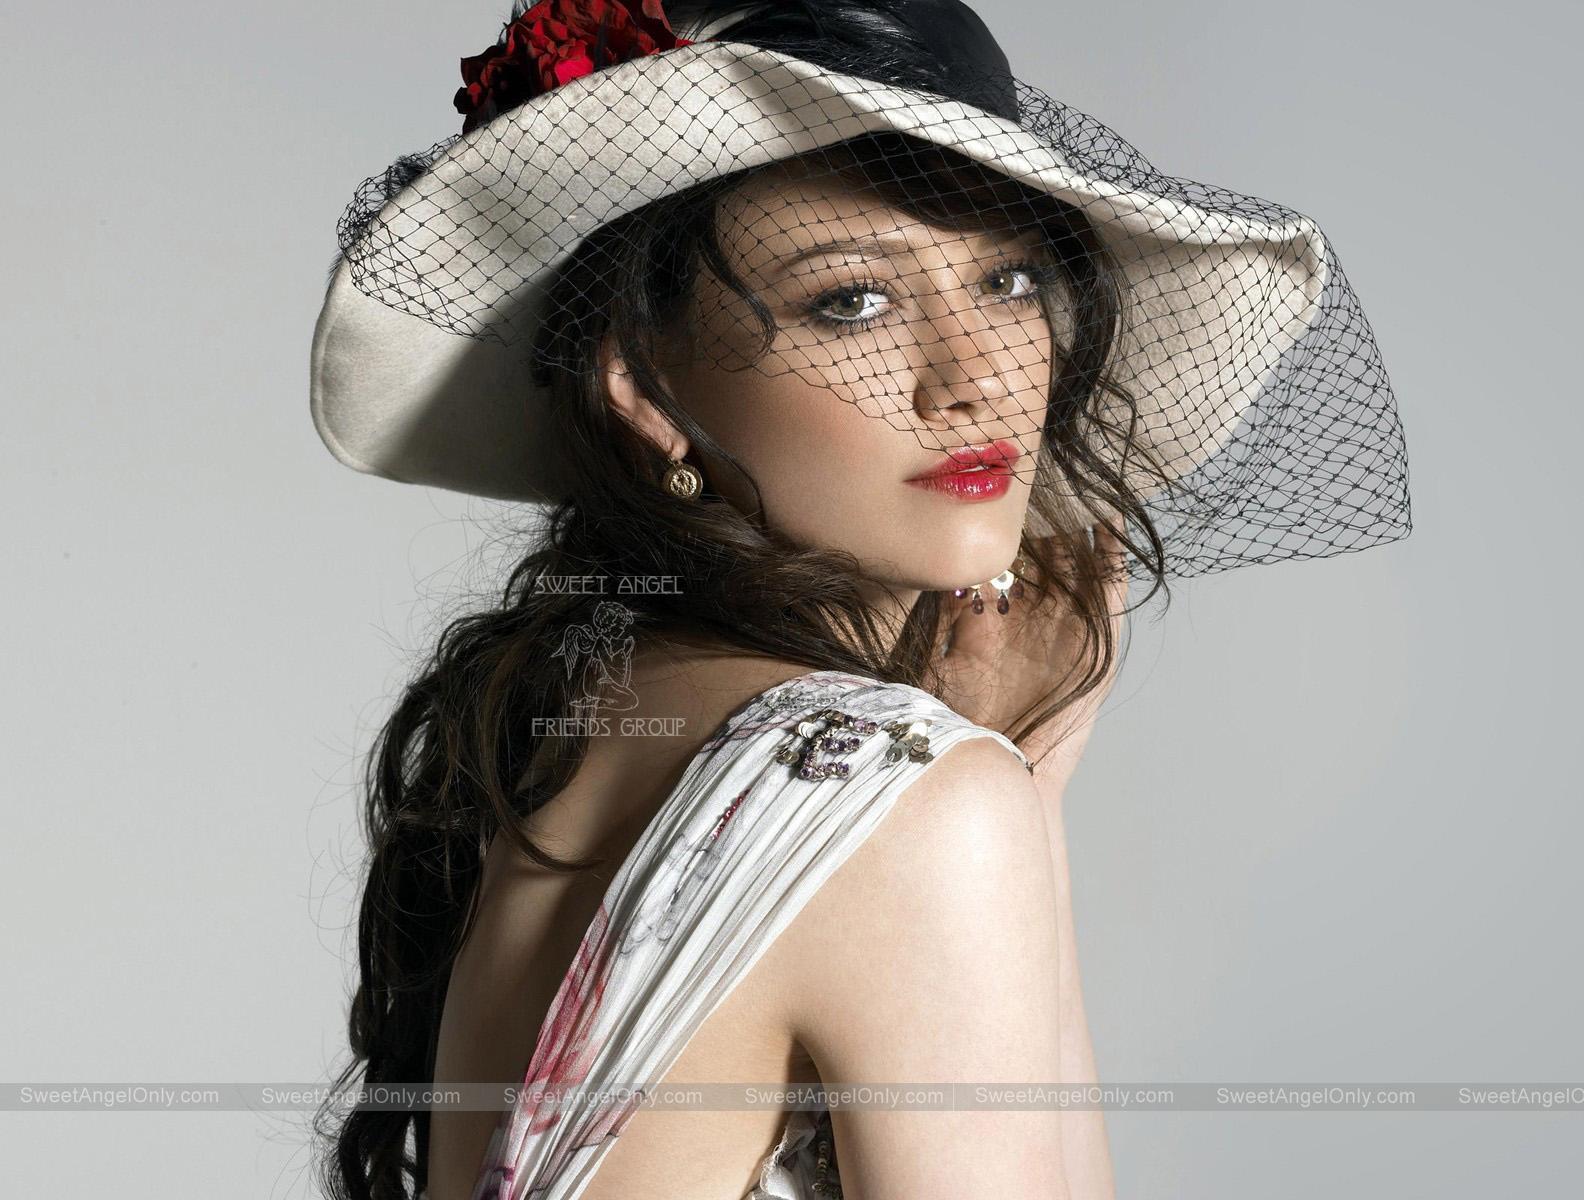 http://2.bp.blogspot.com/-zOD2tbumSOo/TmOSHNH4BGI/AAAAAAAAKLg/HPirsaM2uMk/s1600/beautiful-Hilary-Duff.jpg